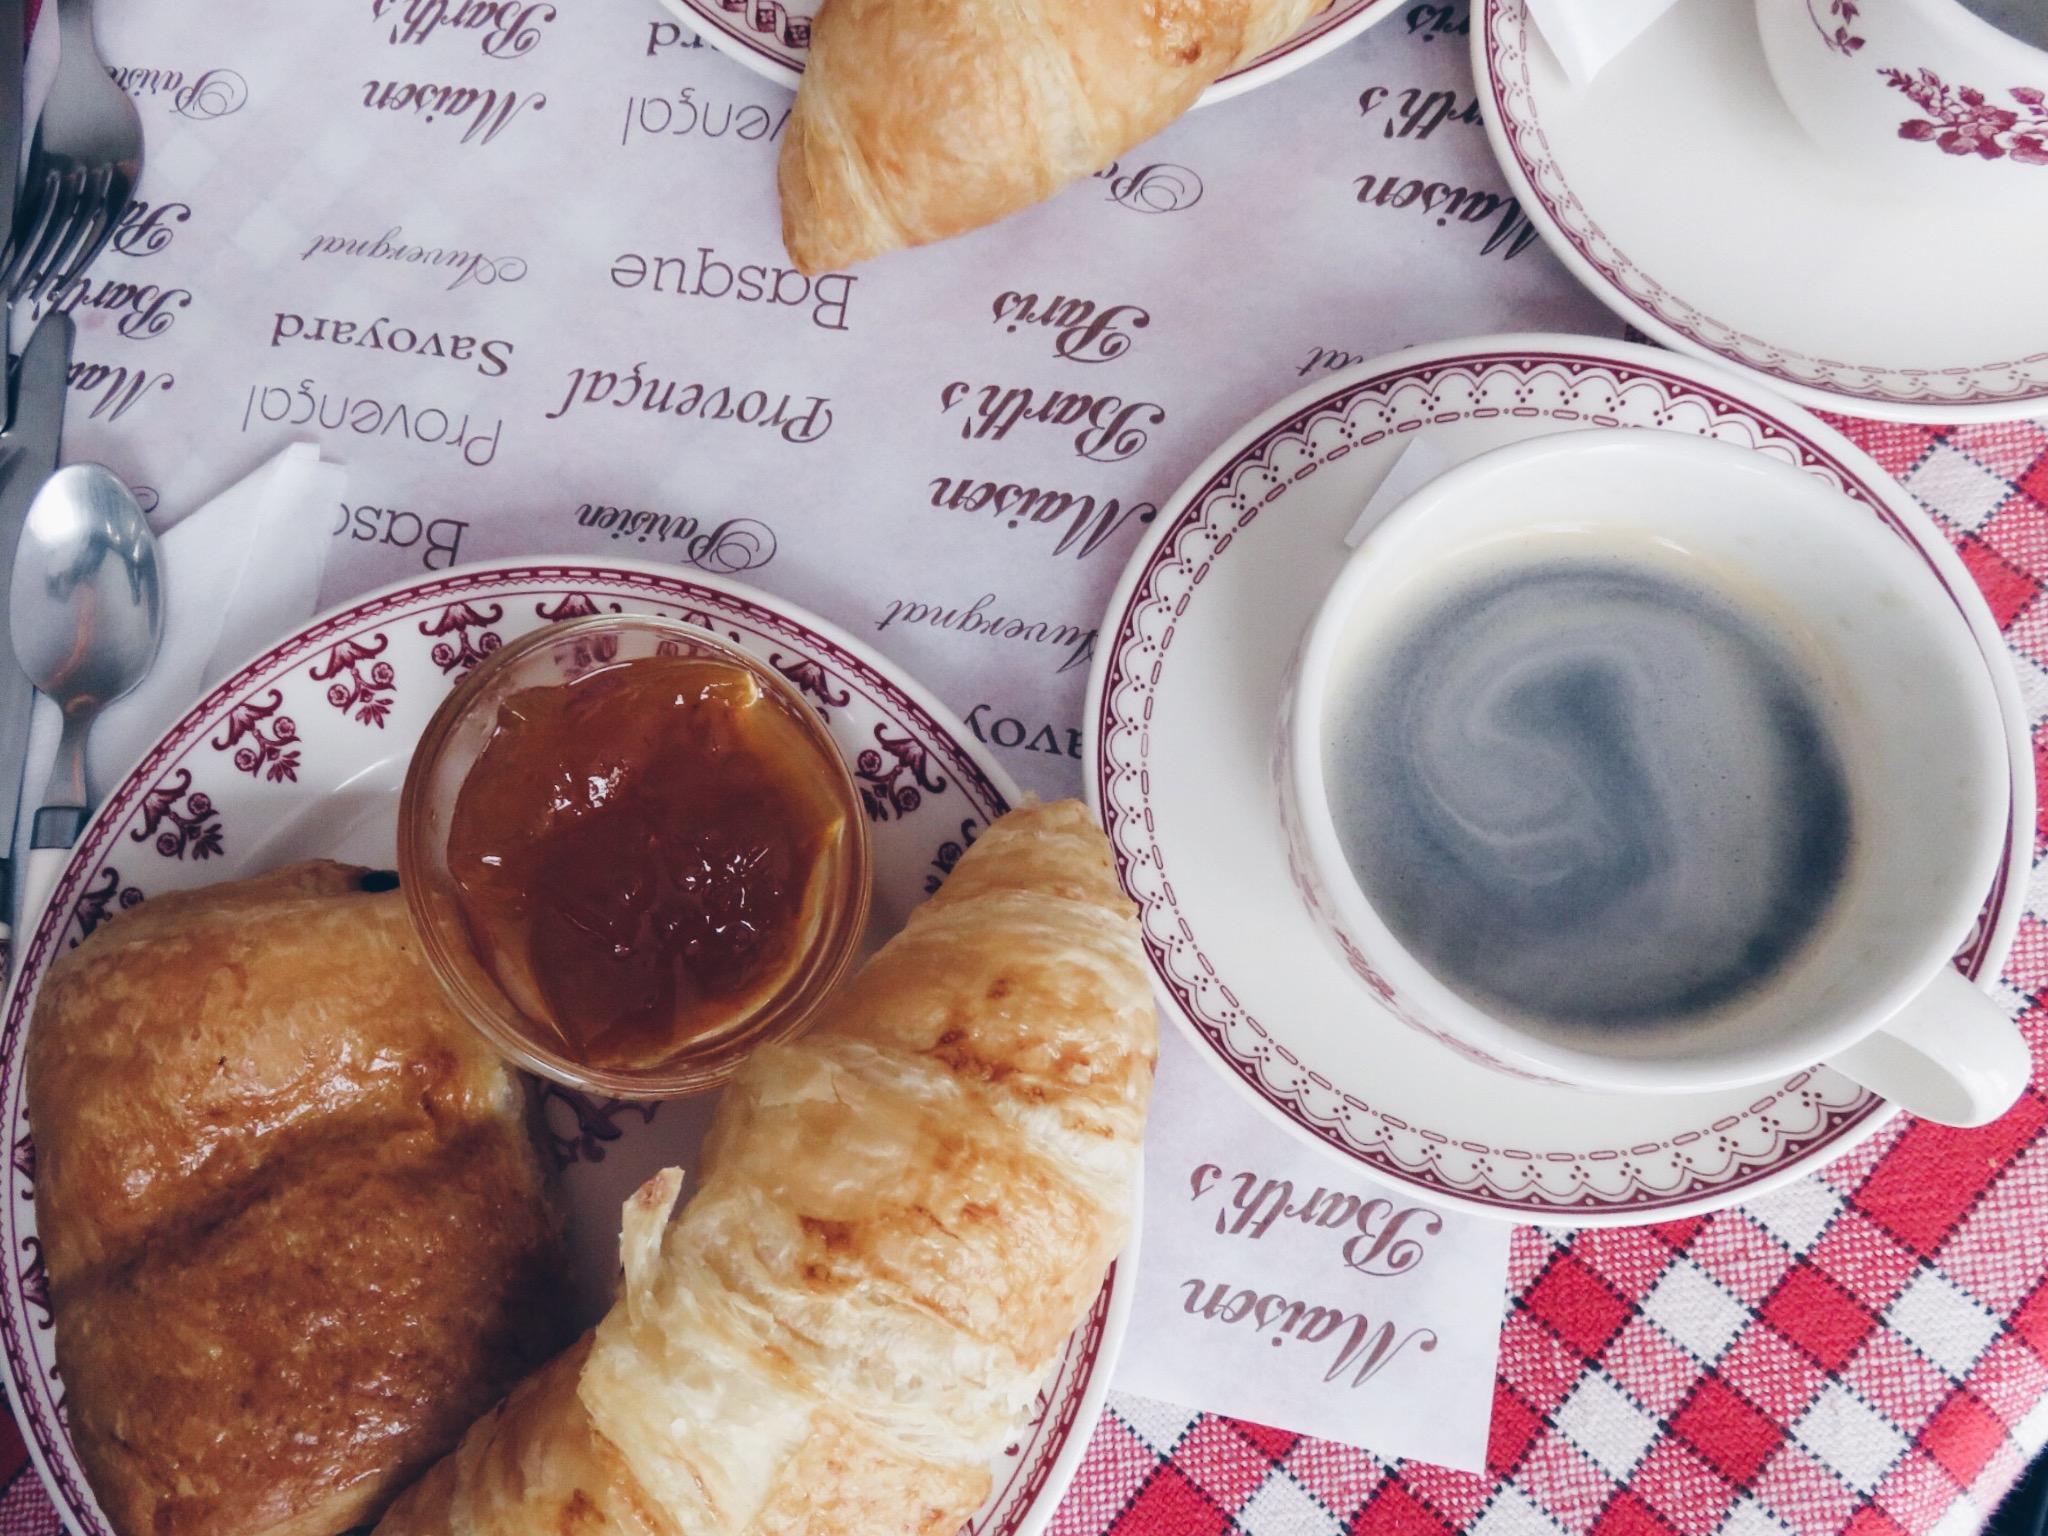 Brunch café Maison Barth's